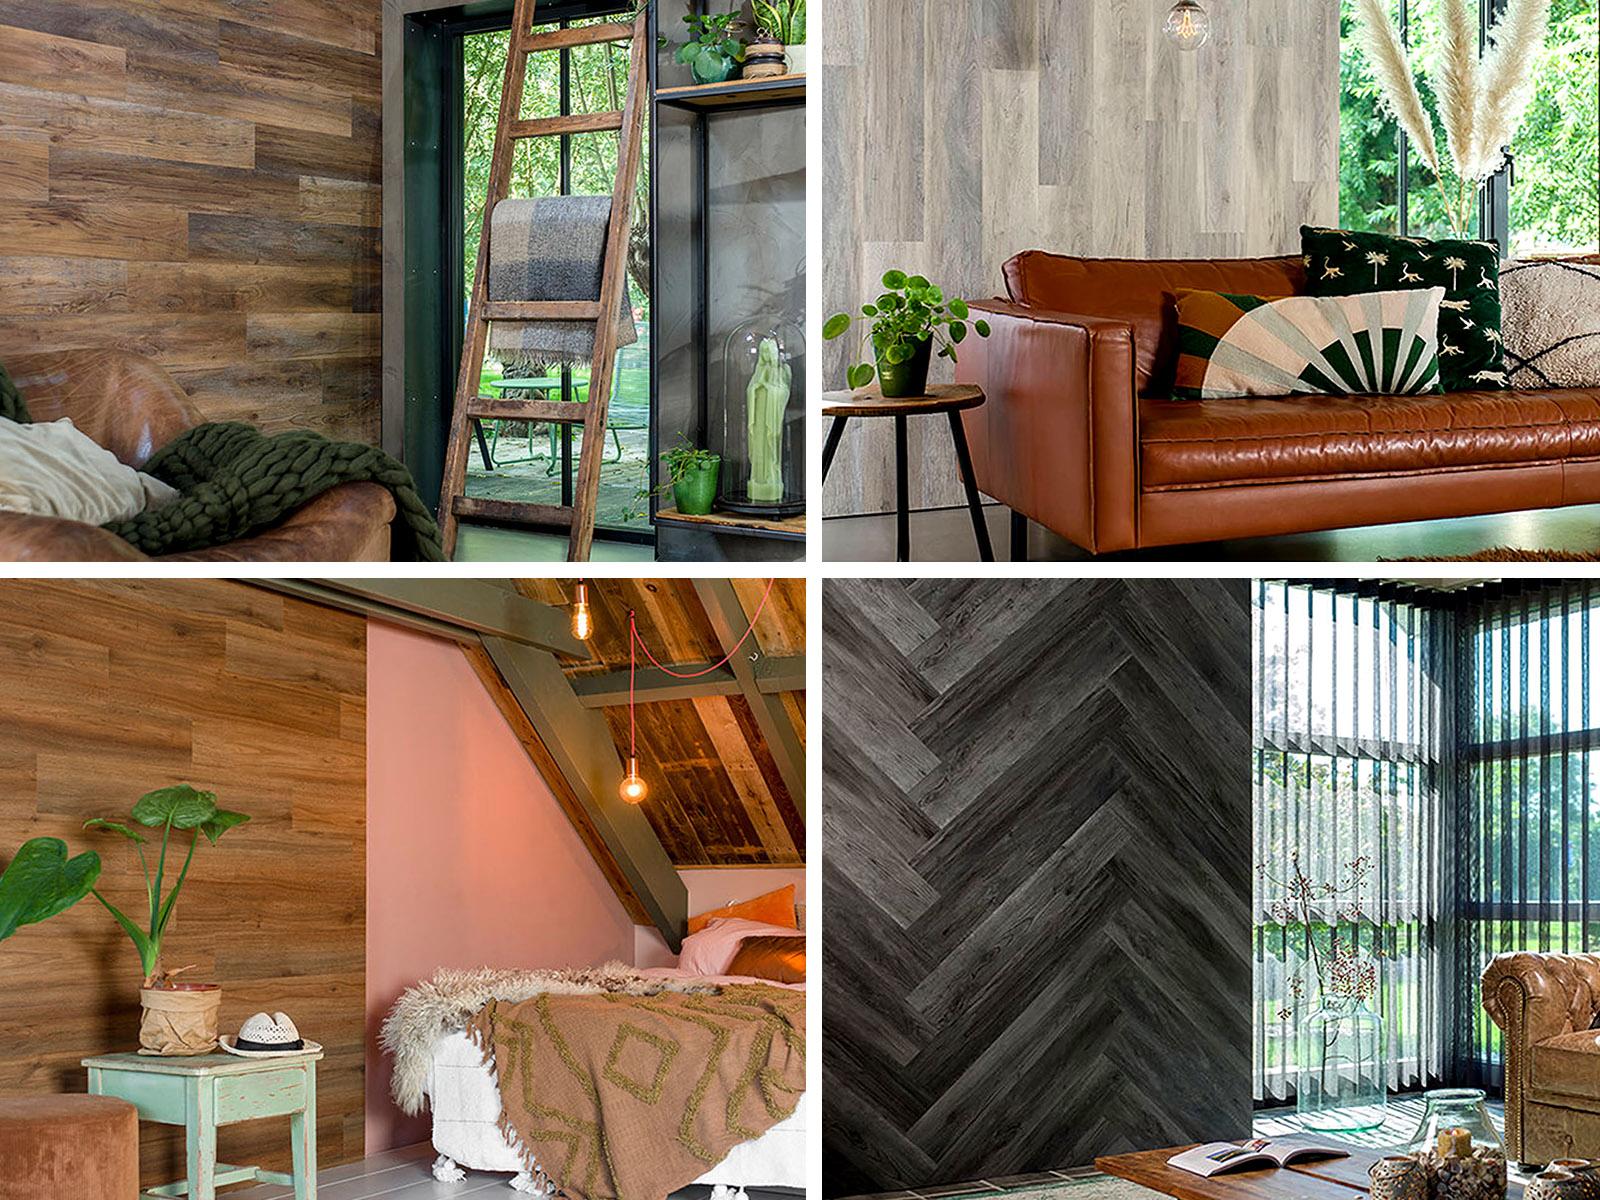 Wood Look deszka utánzatú vinyl falburkoló panel ötletek.